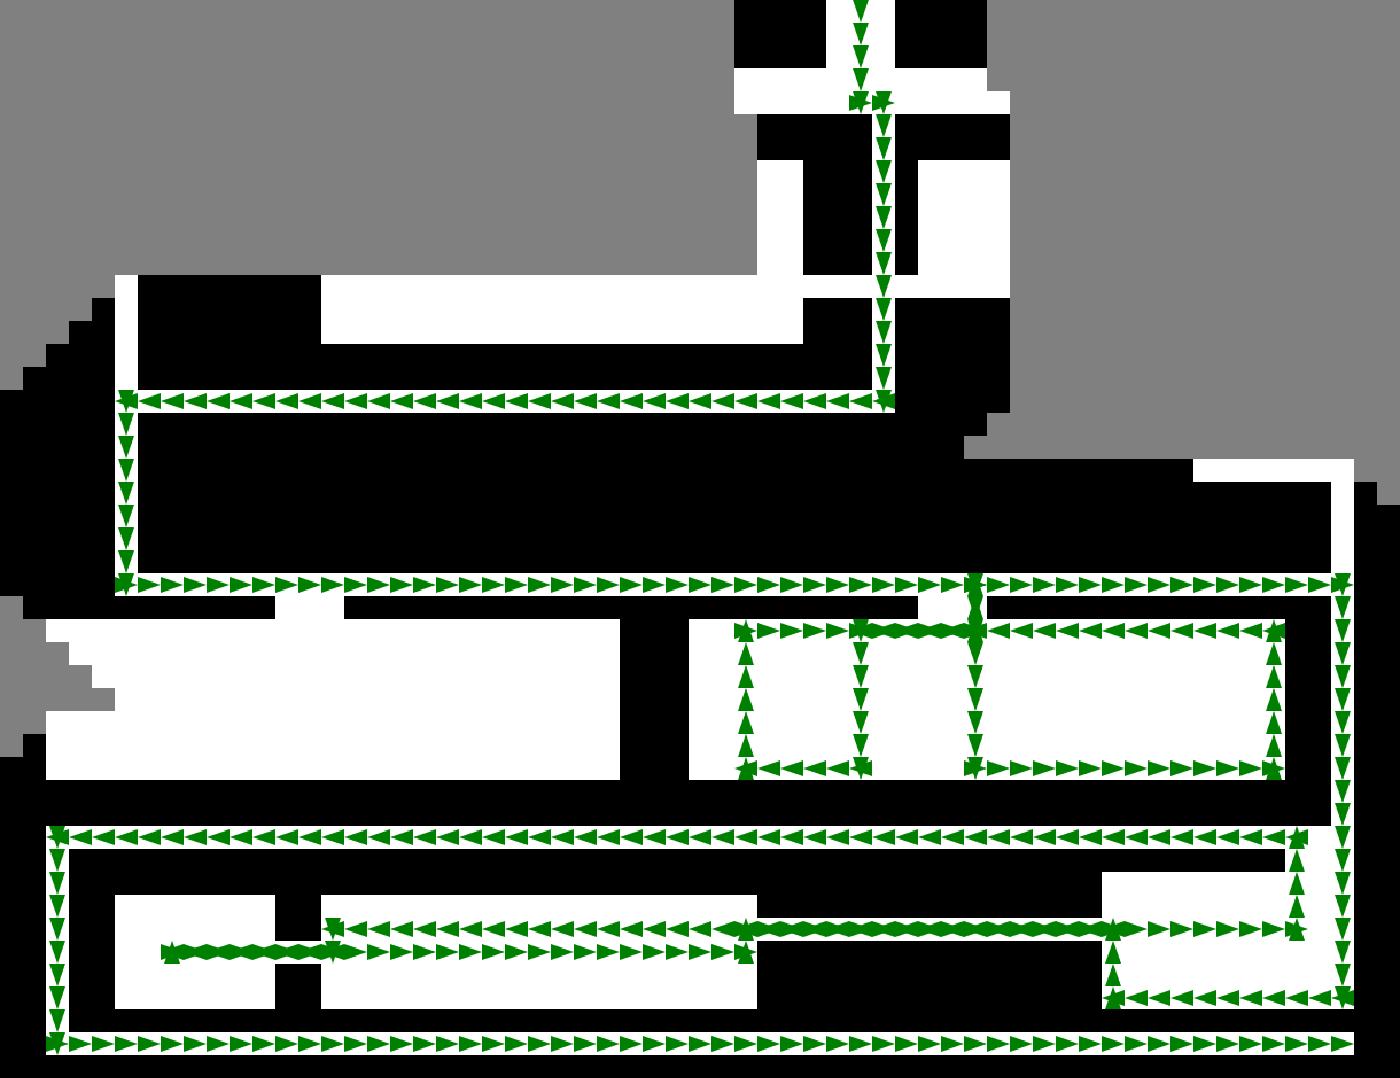 Figure 2 for A genetic algorithm for autonomous navigation in partially observable domain